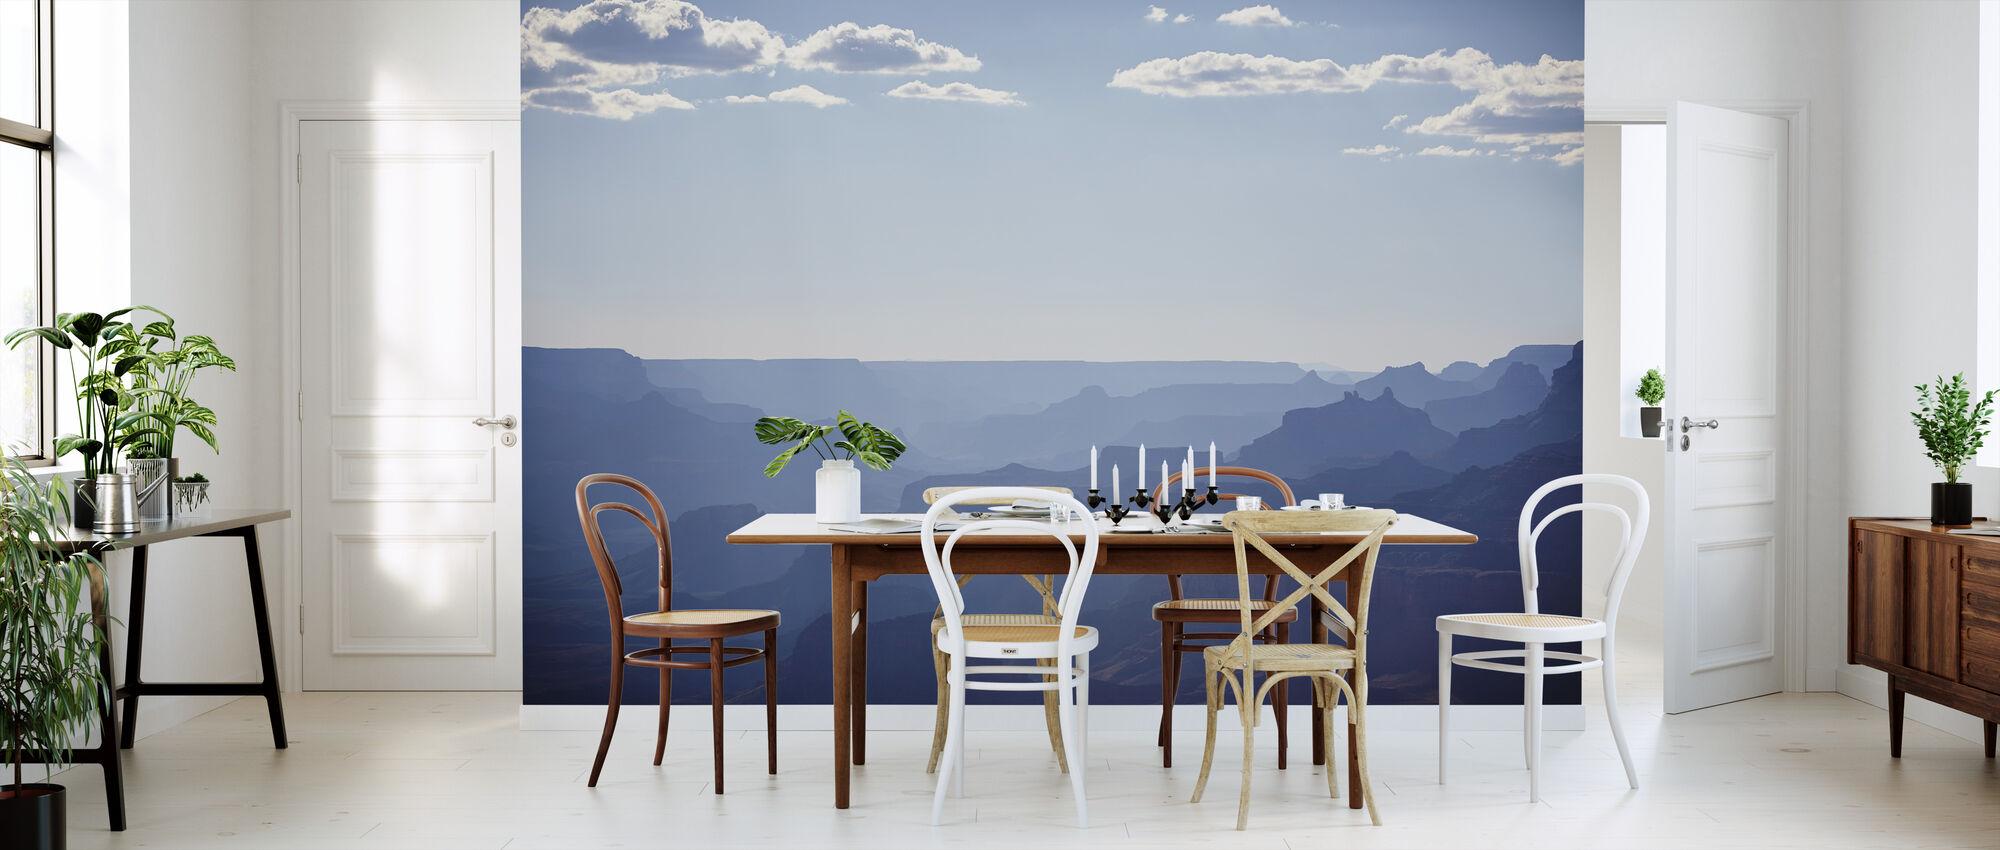 Näytä yli sininen Grand Canyon - Tapetti - Keittiö